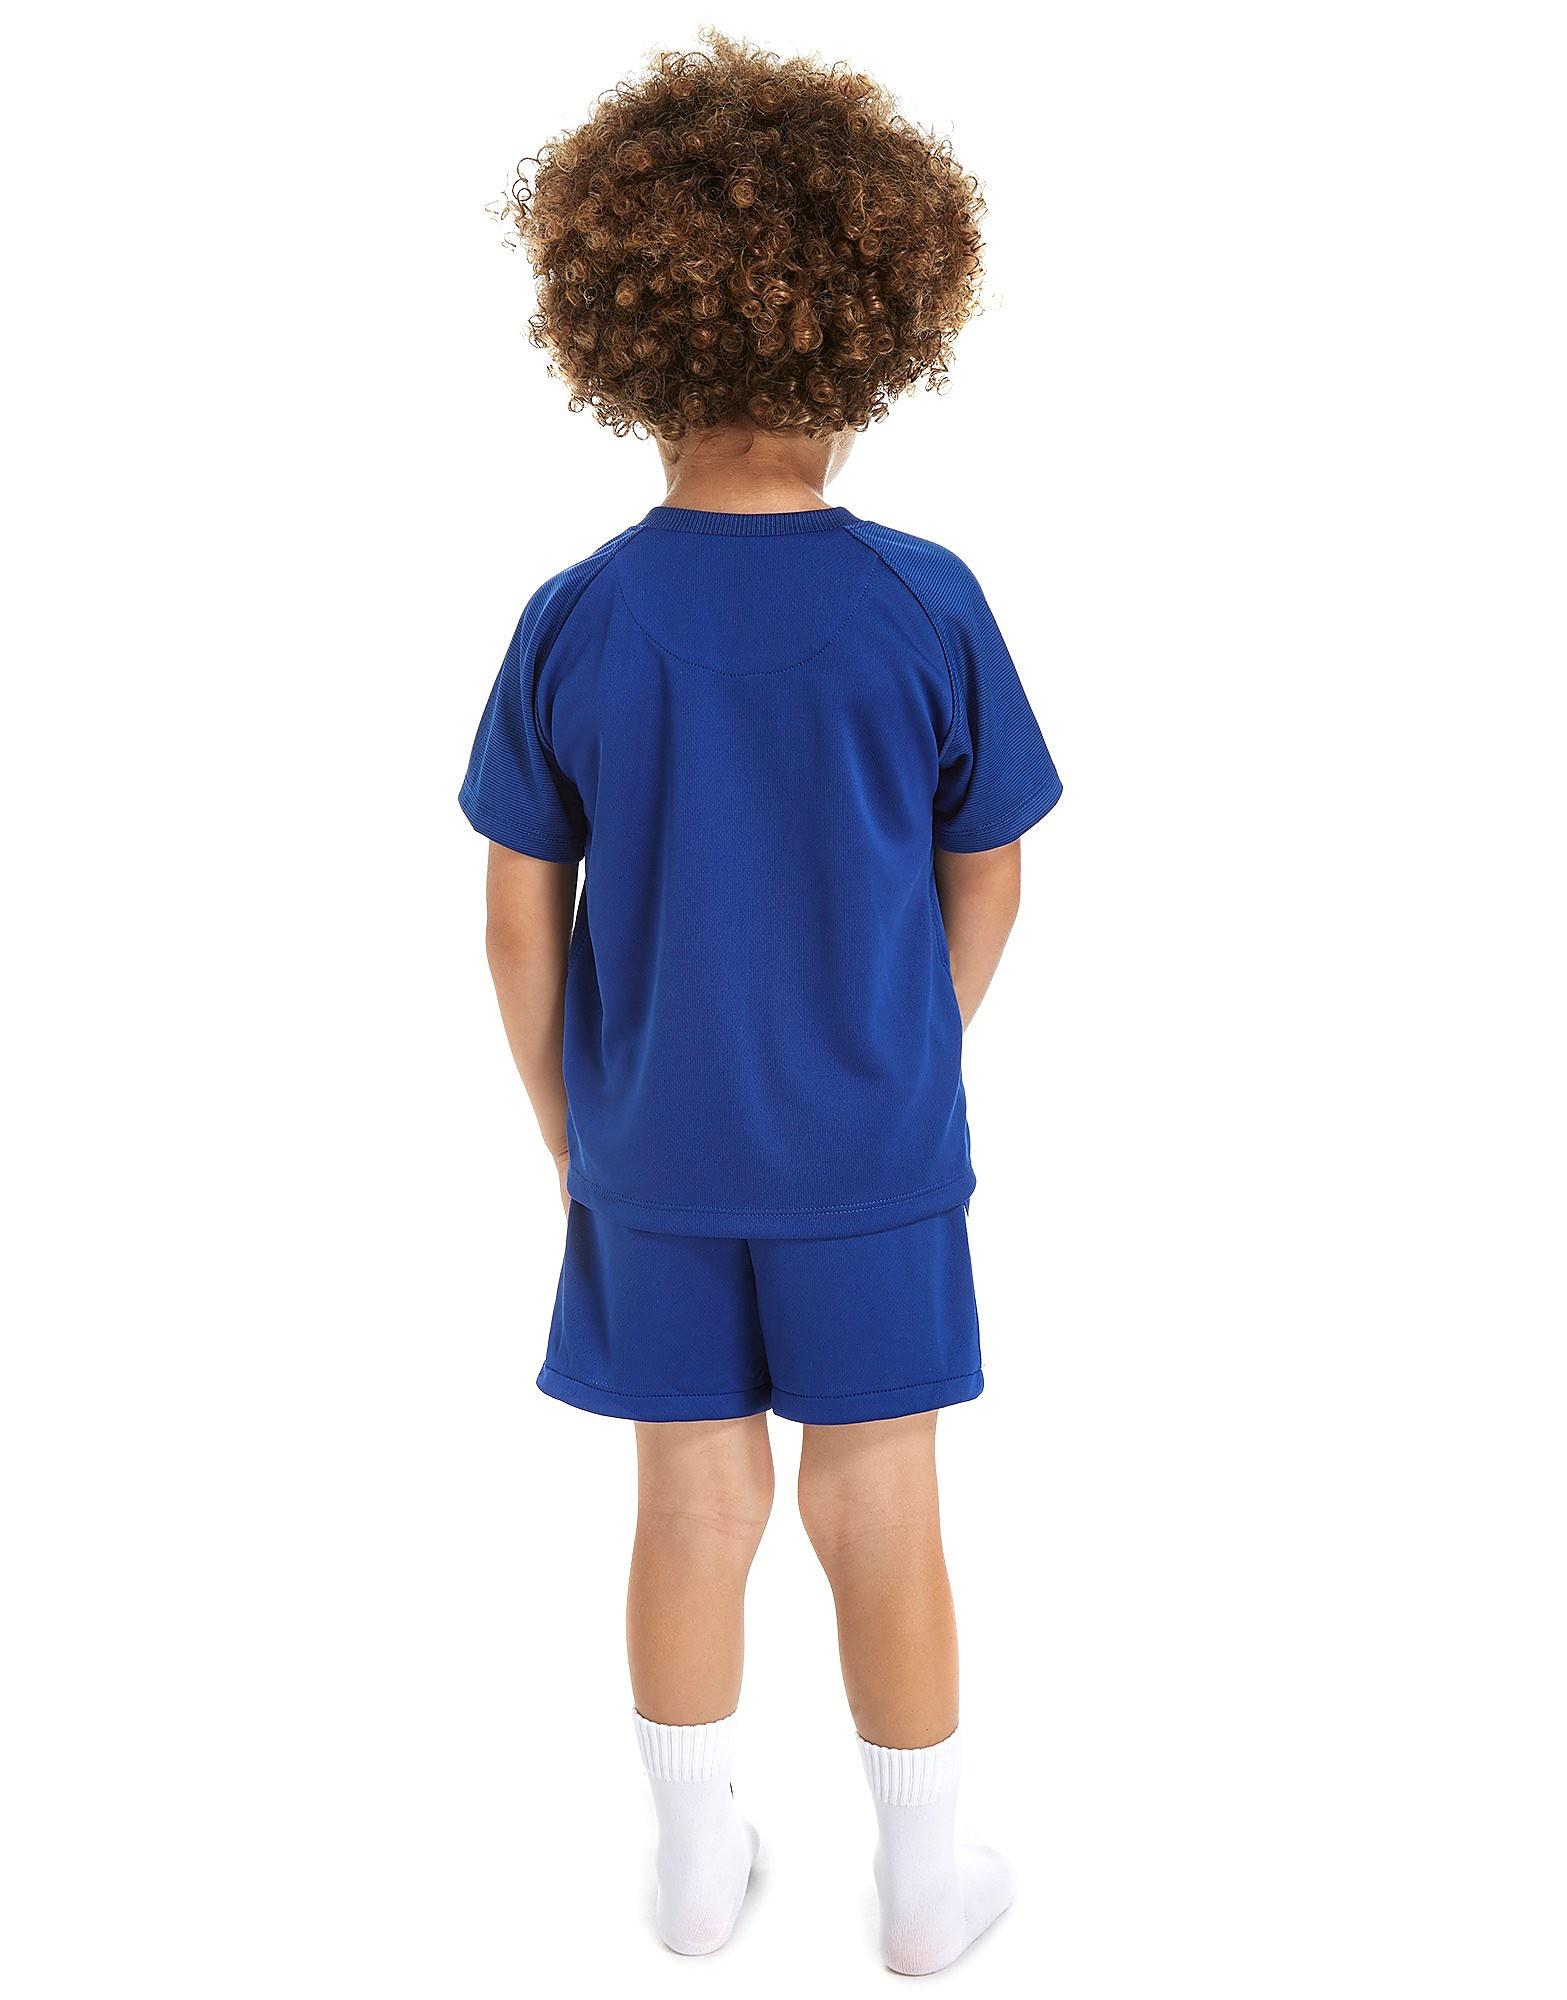 Nike Chelsea FC 2017/18 Home Kit Infant